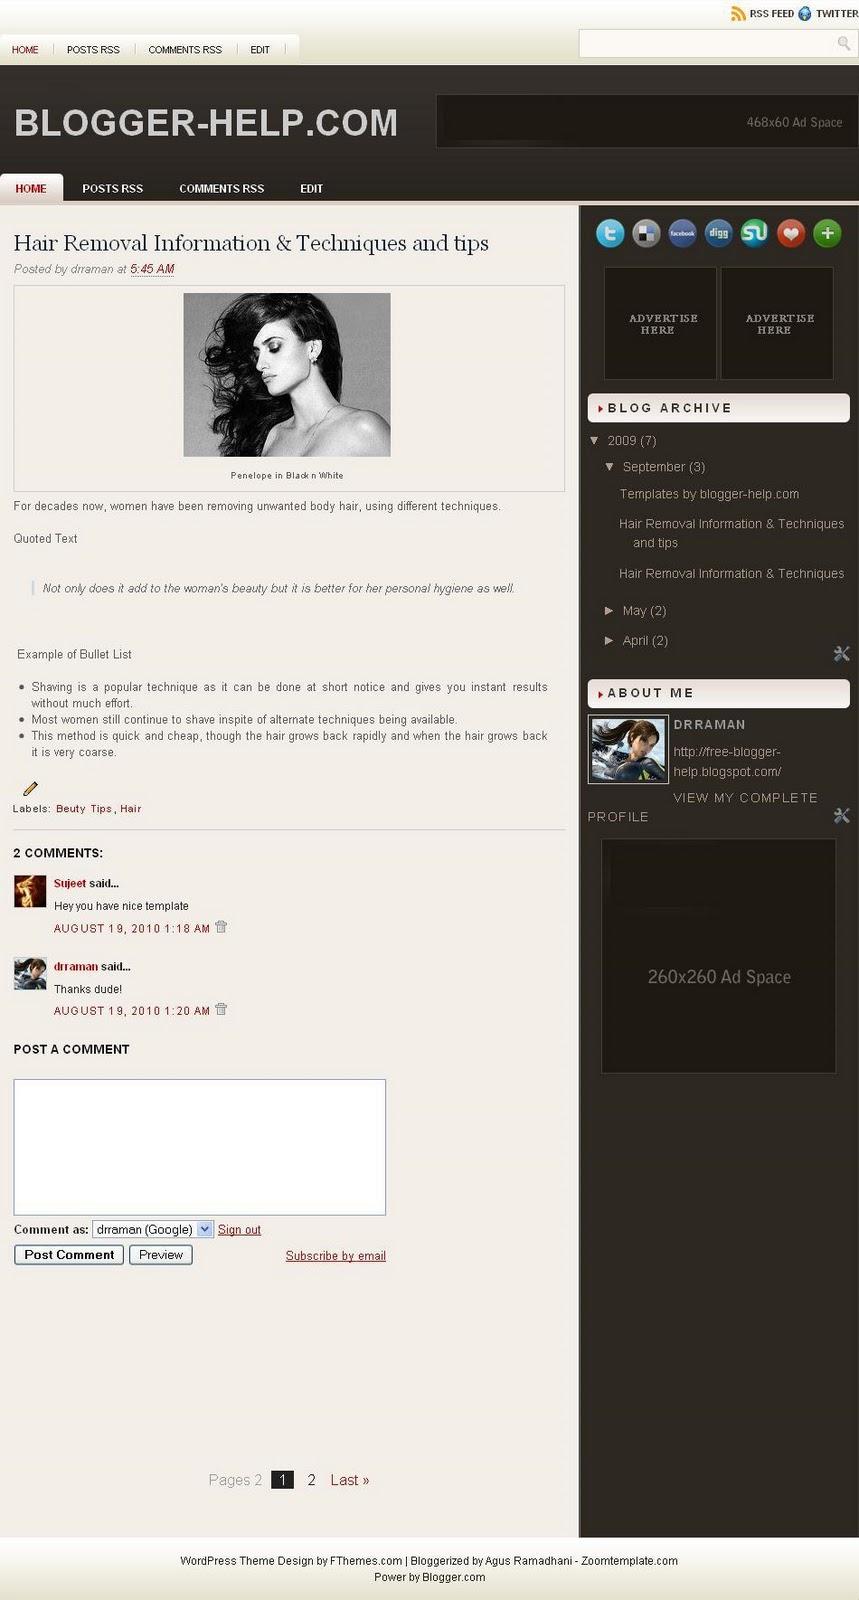 http://4.bp.blogspot.com/_DfvrIgCsQGA/TKGYg9H8JnI/AAAAAAAAAxY/LfHinVFwXqw/s1600/Blogger-Help.com+2.jpg